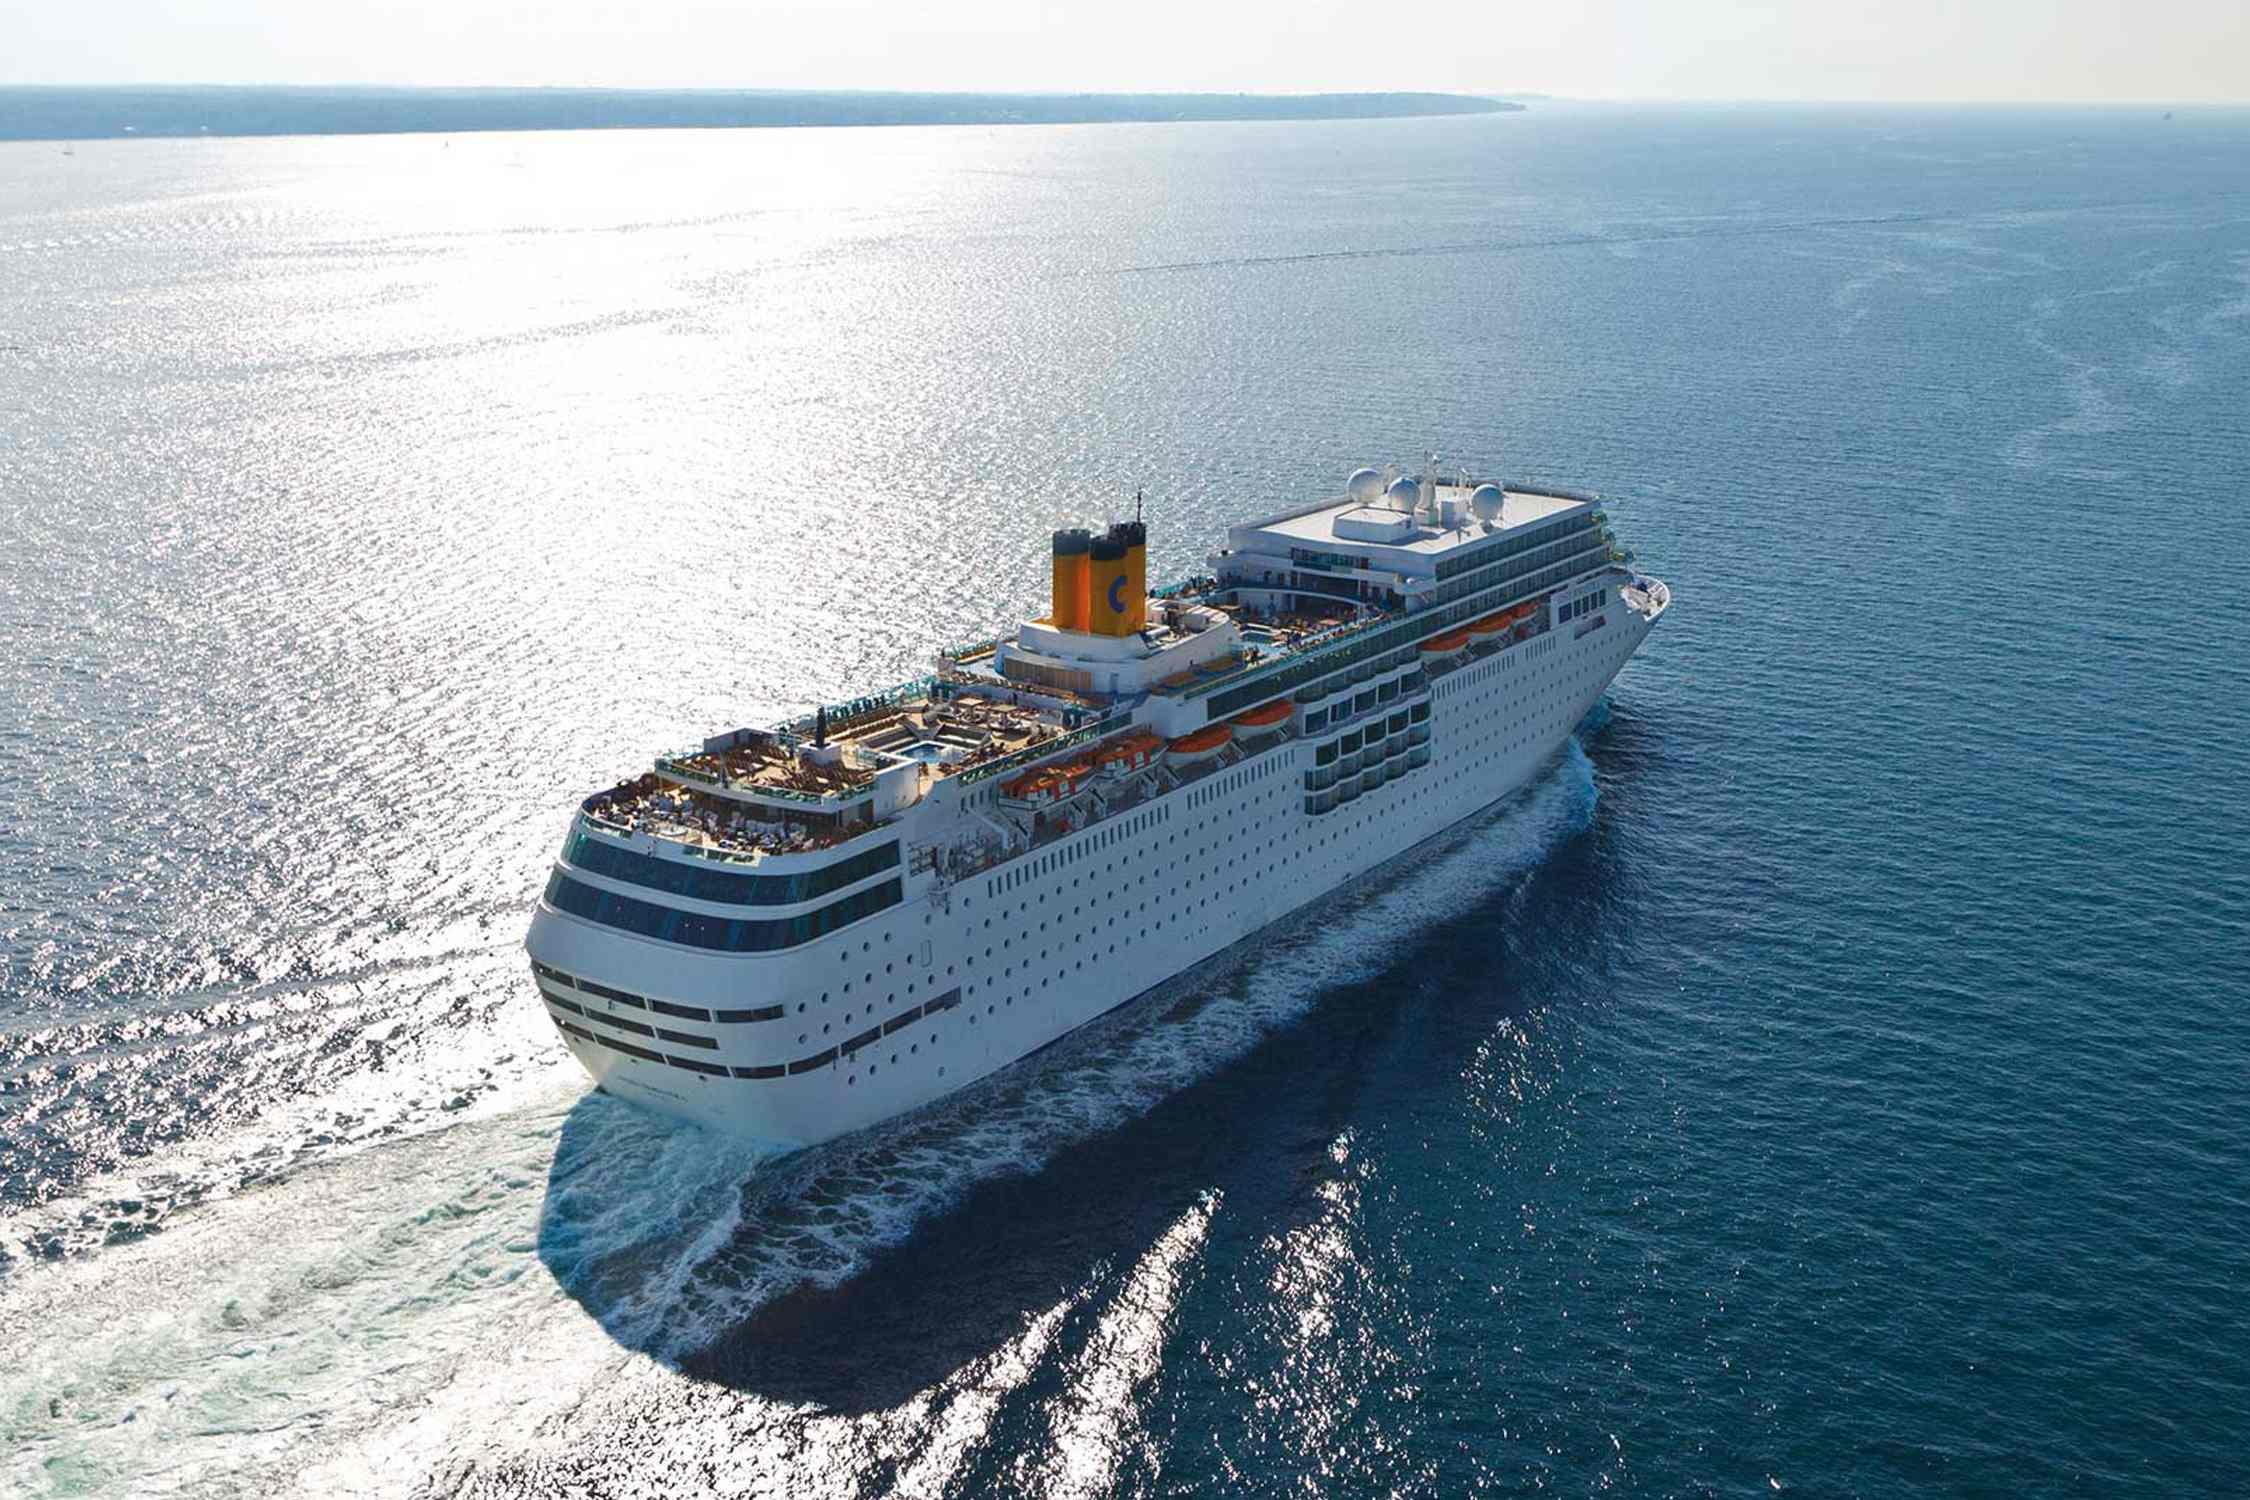 ทัวร์ล่องเรือสำราญ โตเกียว–โกเบ–ปูซาน(เกาหลี)-ซะเซะโบะ-ชิงงุ(วากายาม่า)-โตเกียว 9 วัน 7 คืน